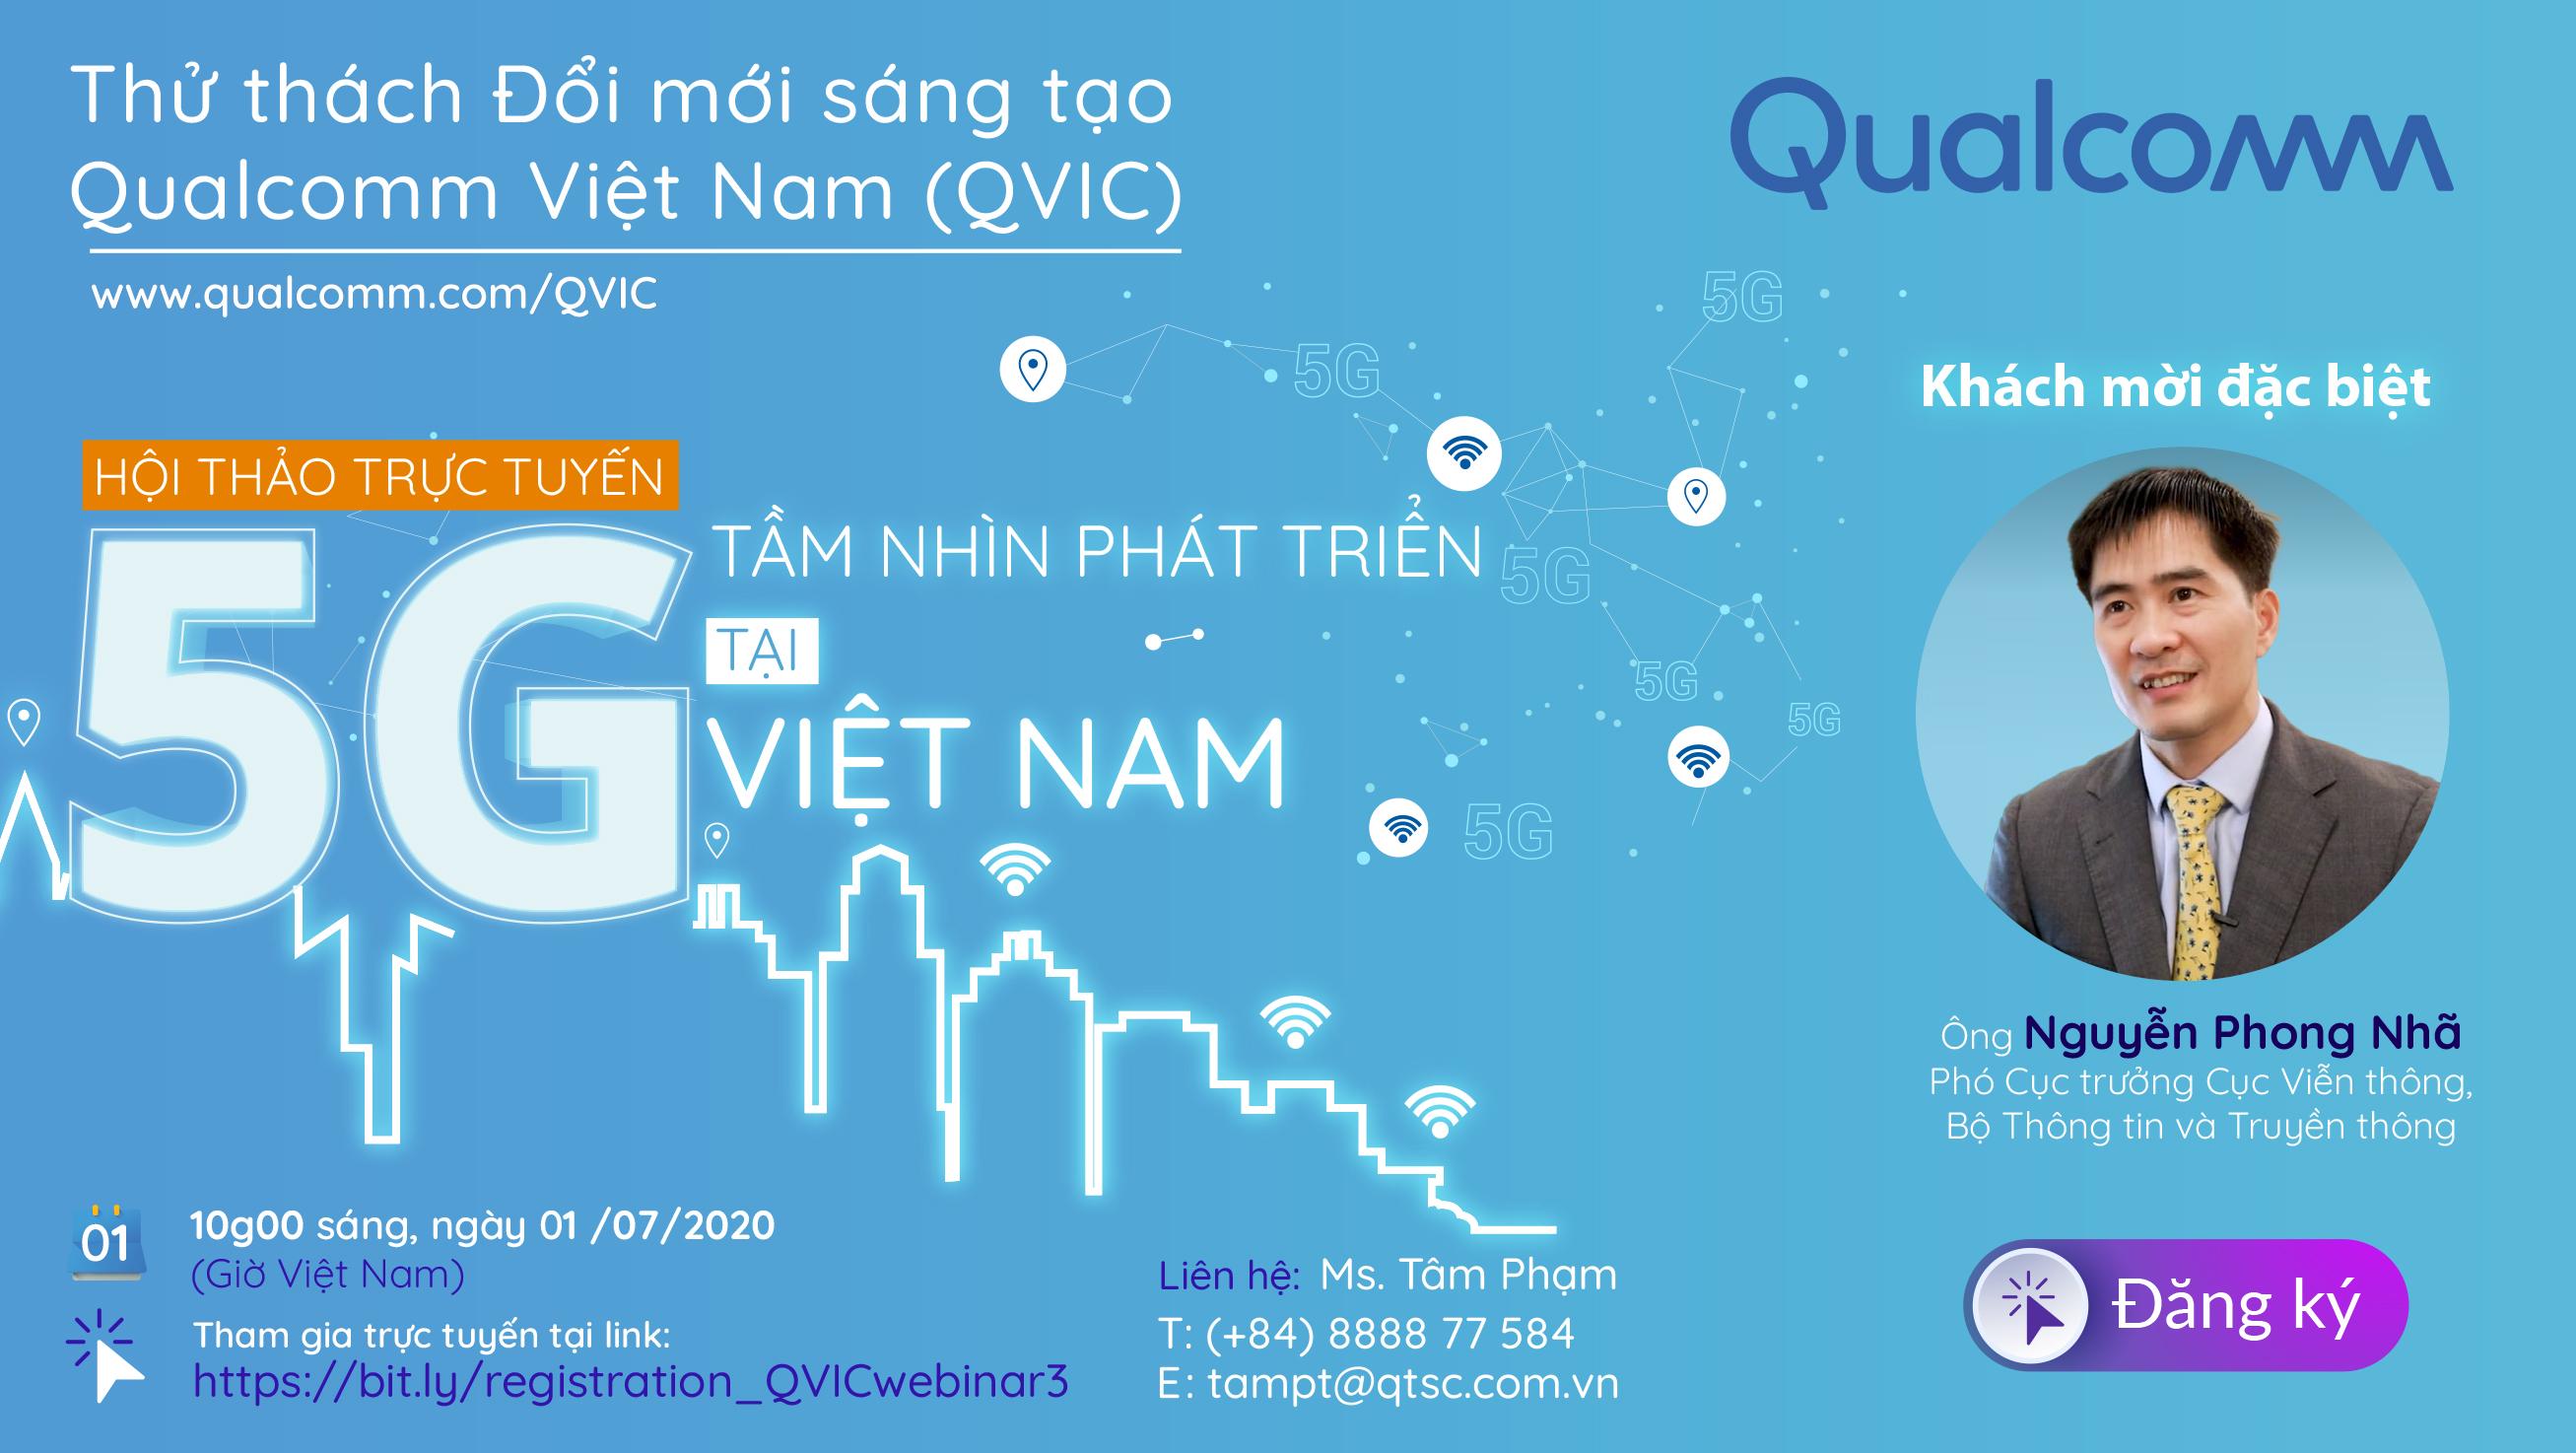 """hội thảo trực tuyến""""Tầm nhìn phát triển 5G tại Việt Nam"""""""